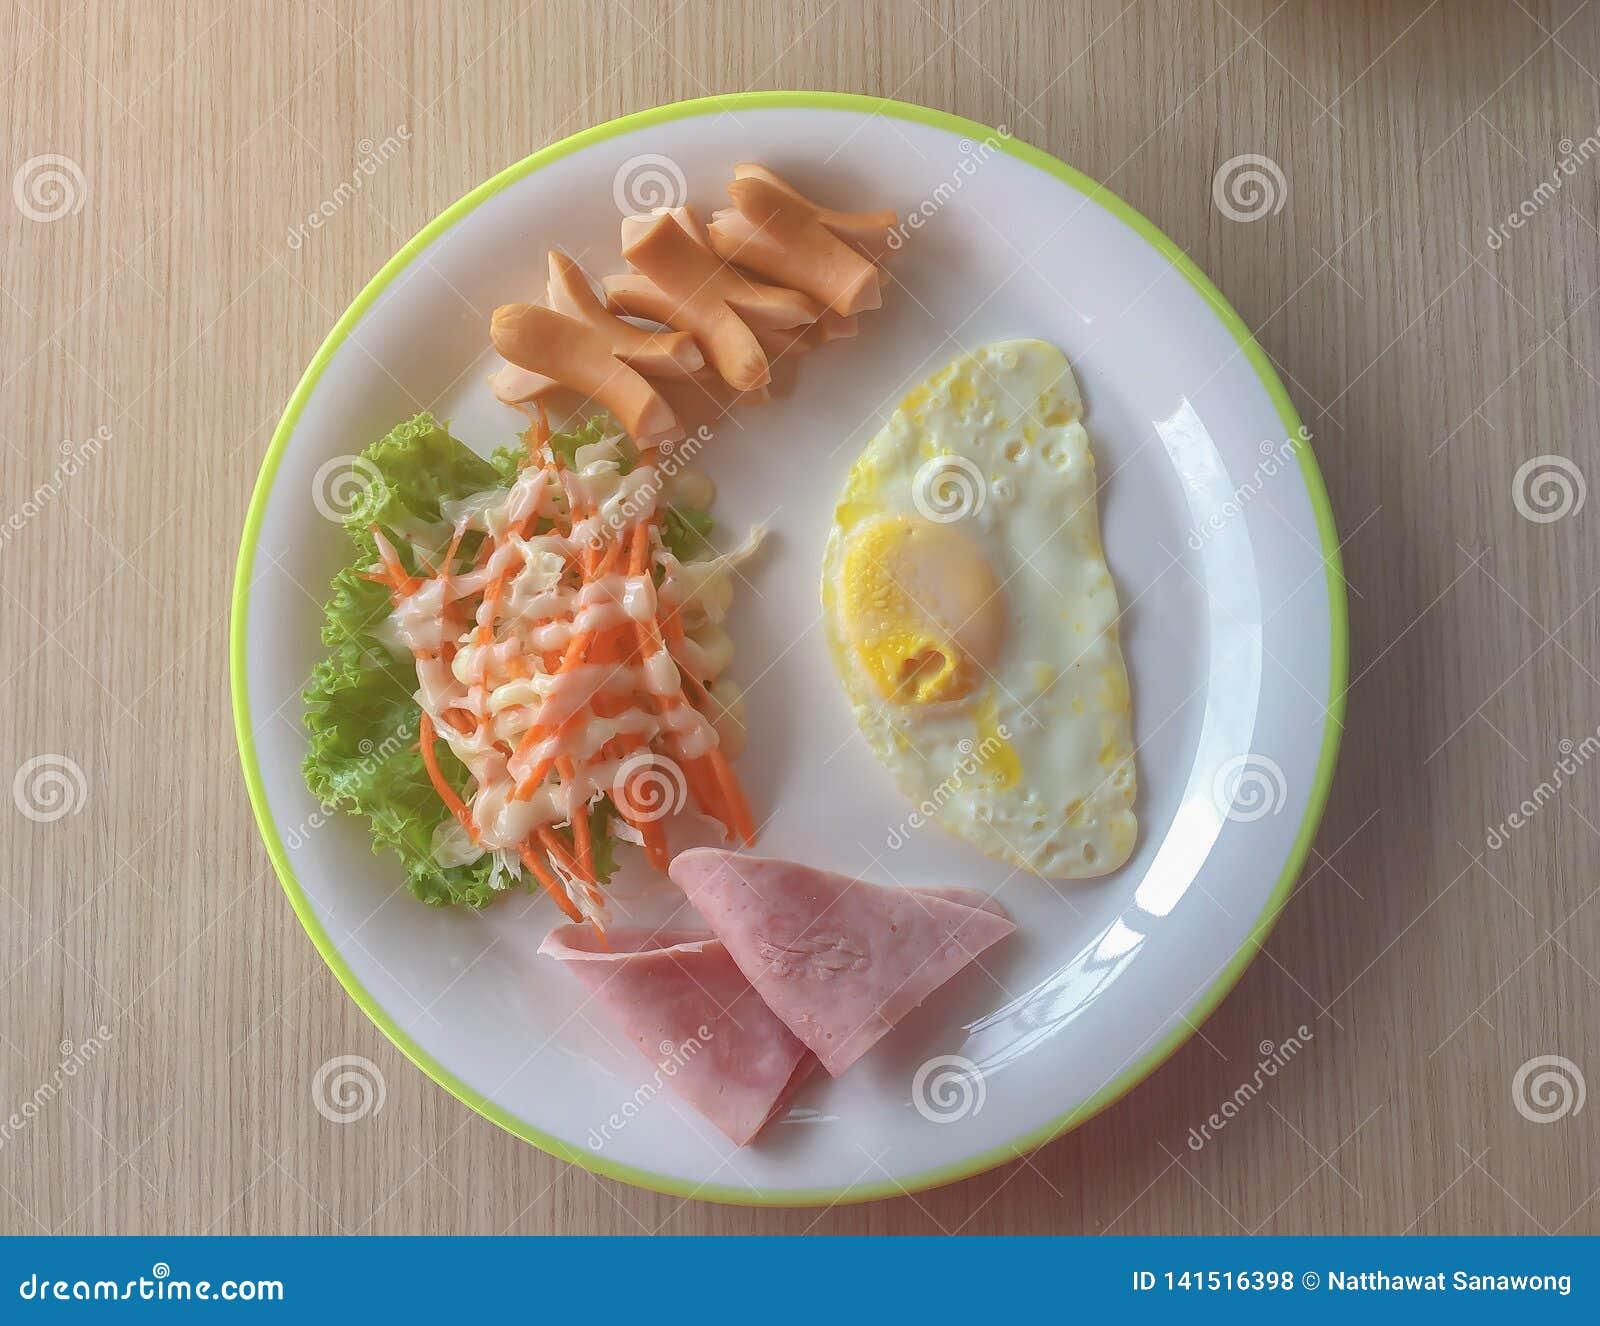 Engelska frukosten består av det stekte ägget, baconsallad